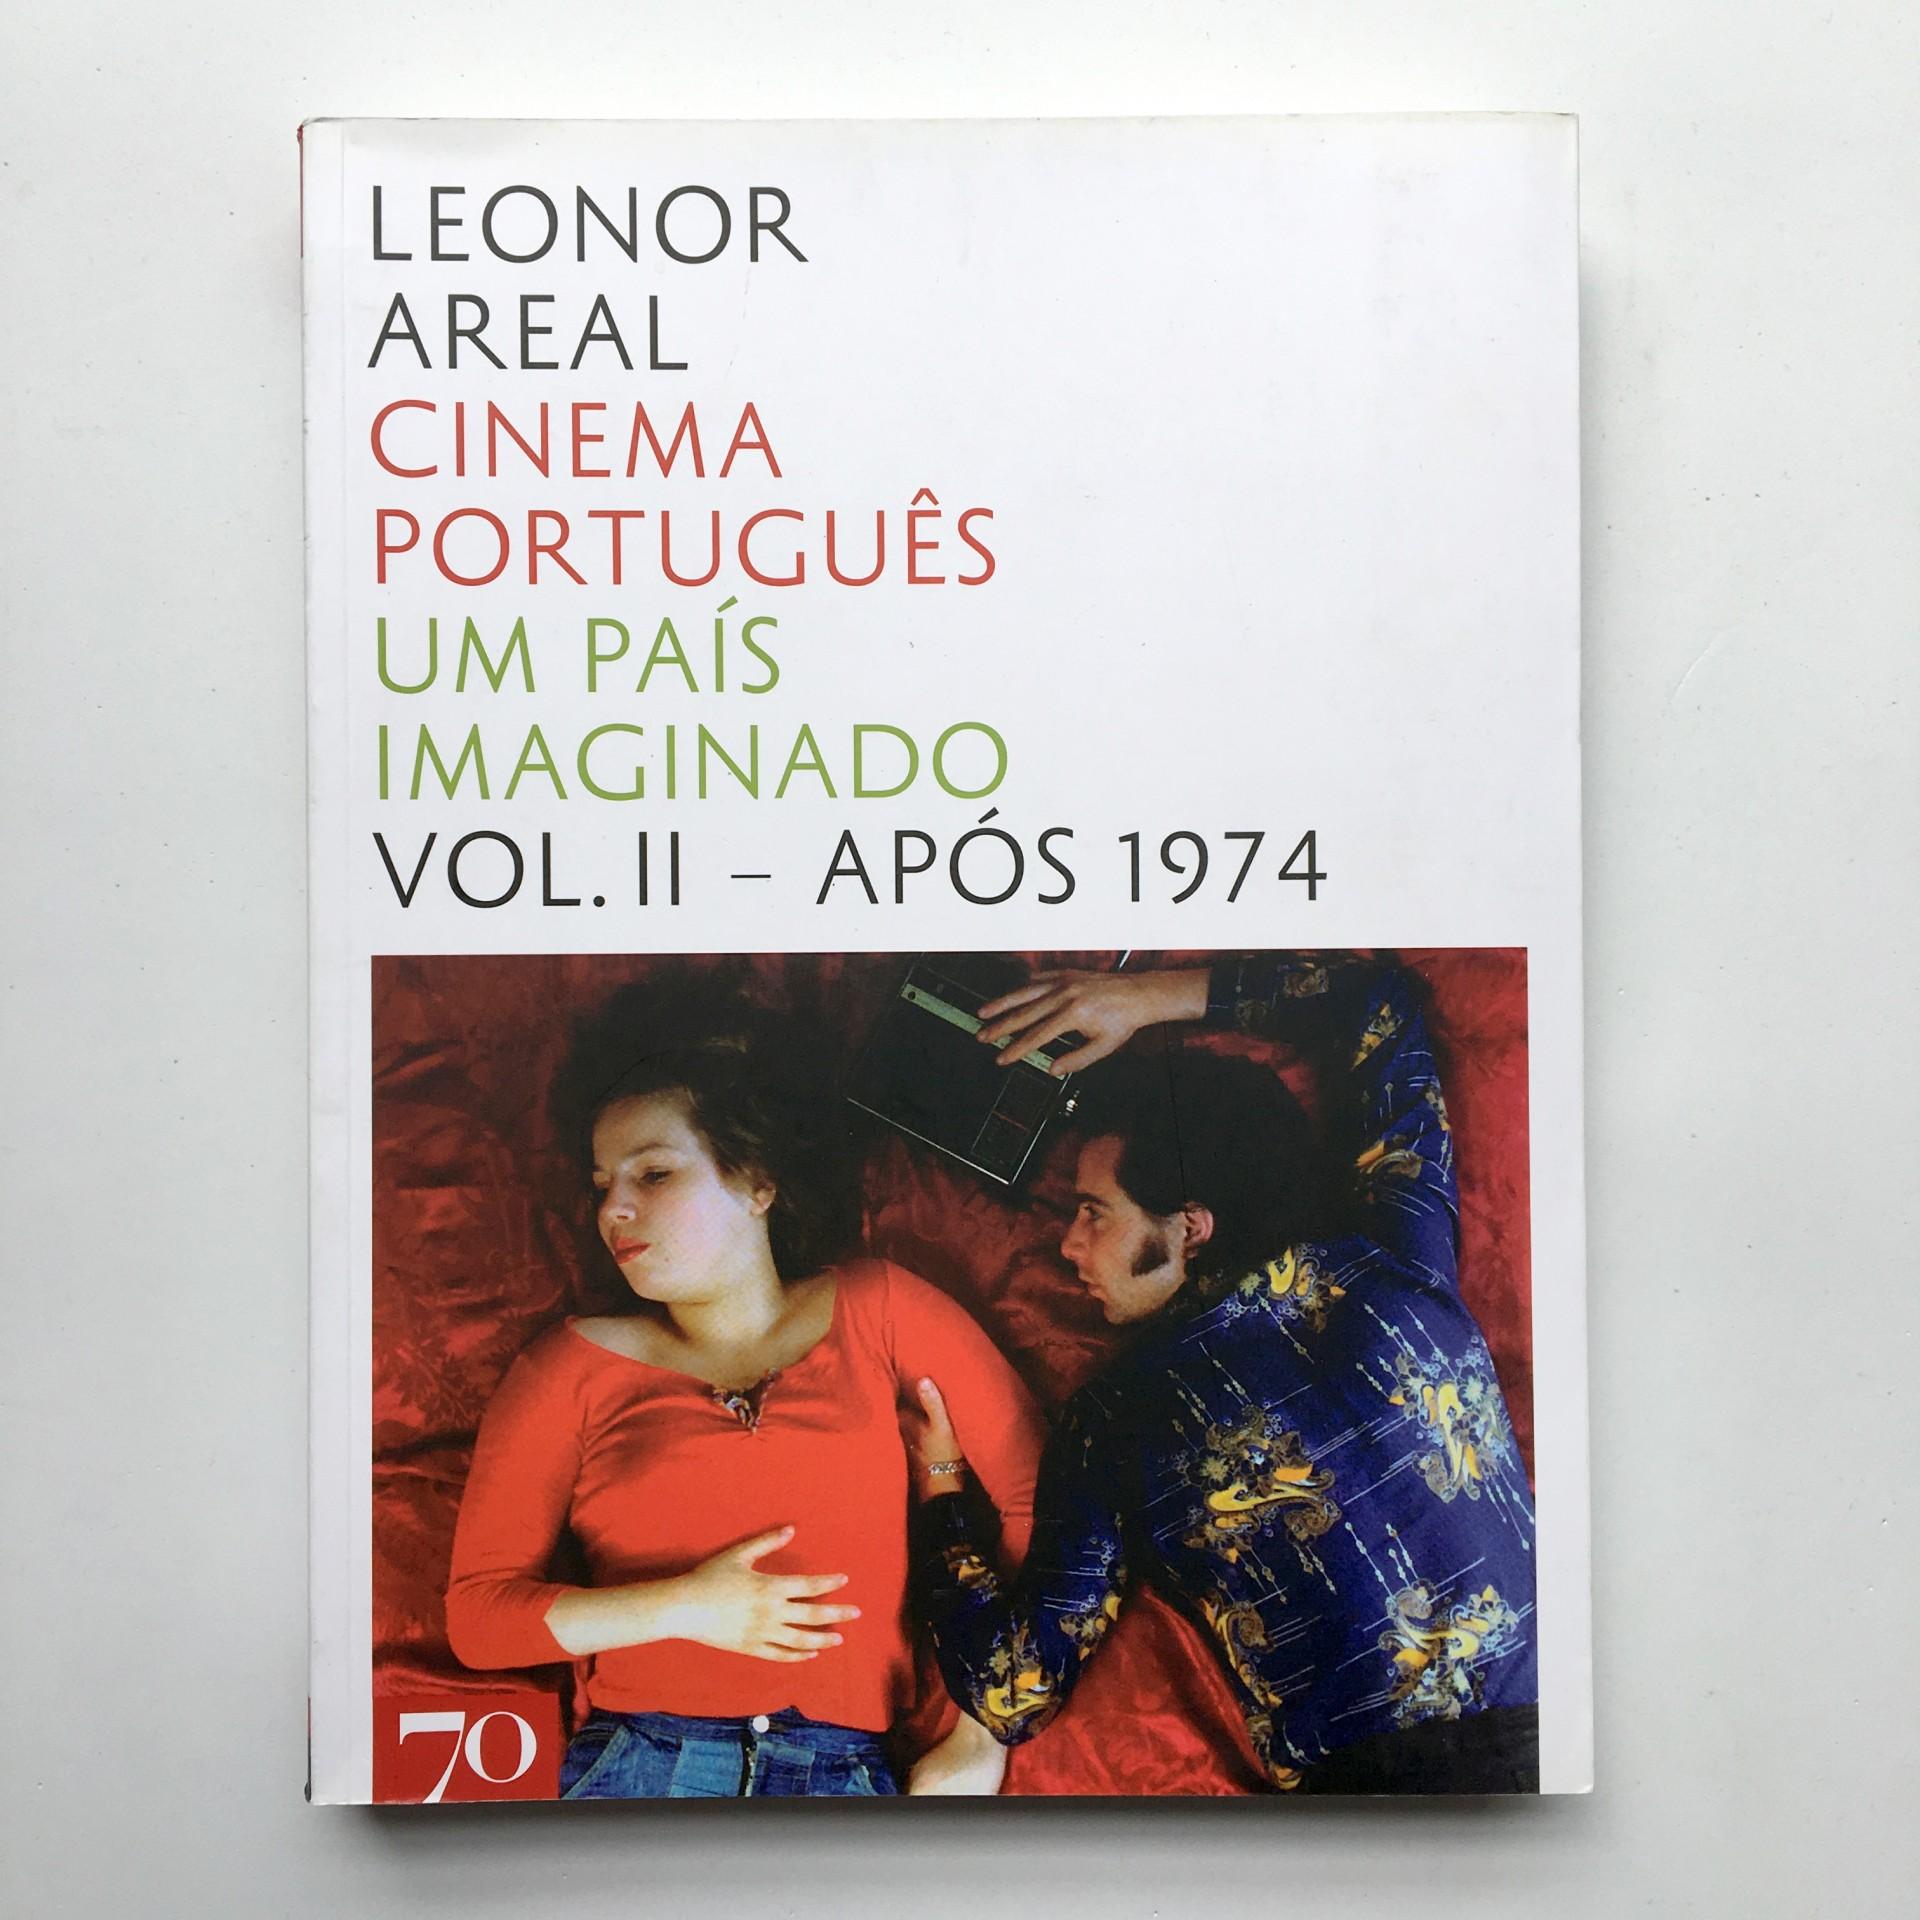 Cinema Português: Um País Imaginado vol. II